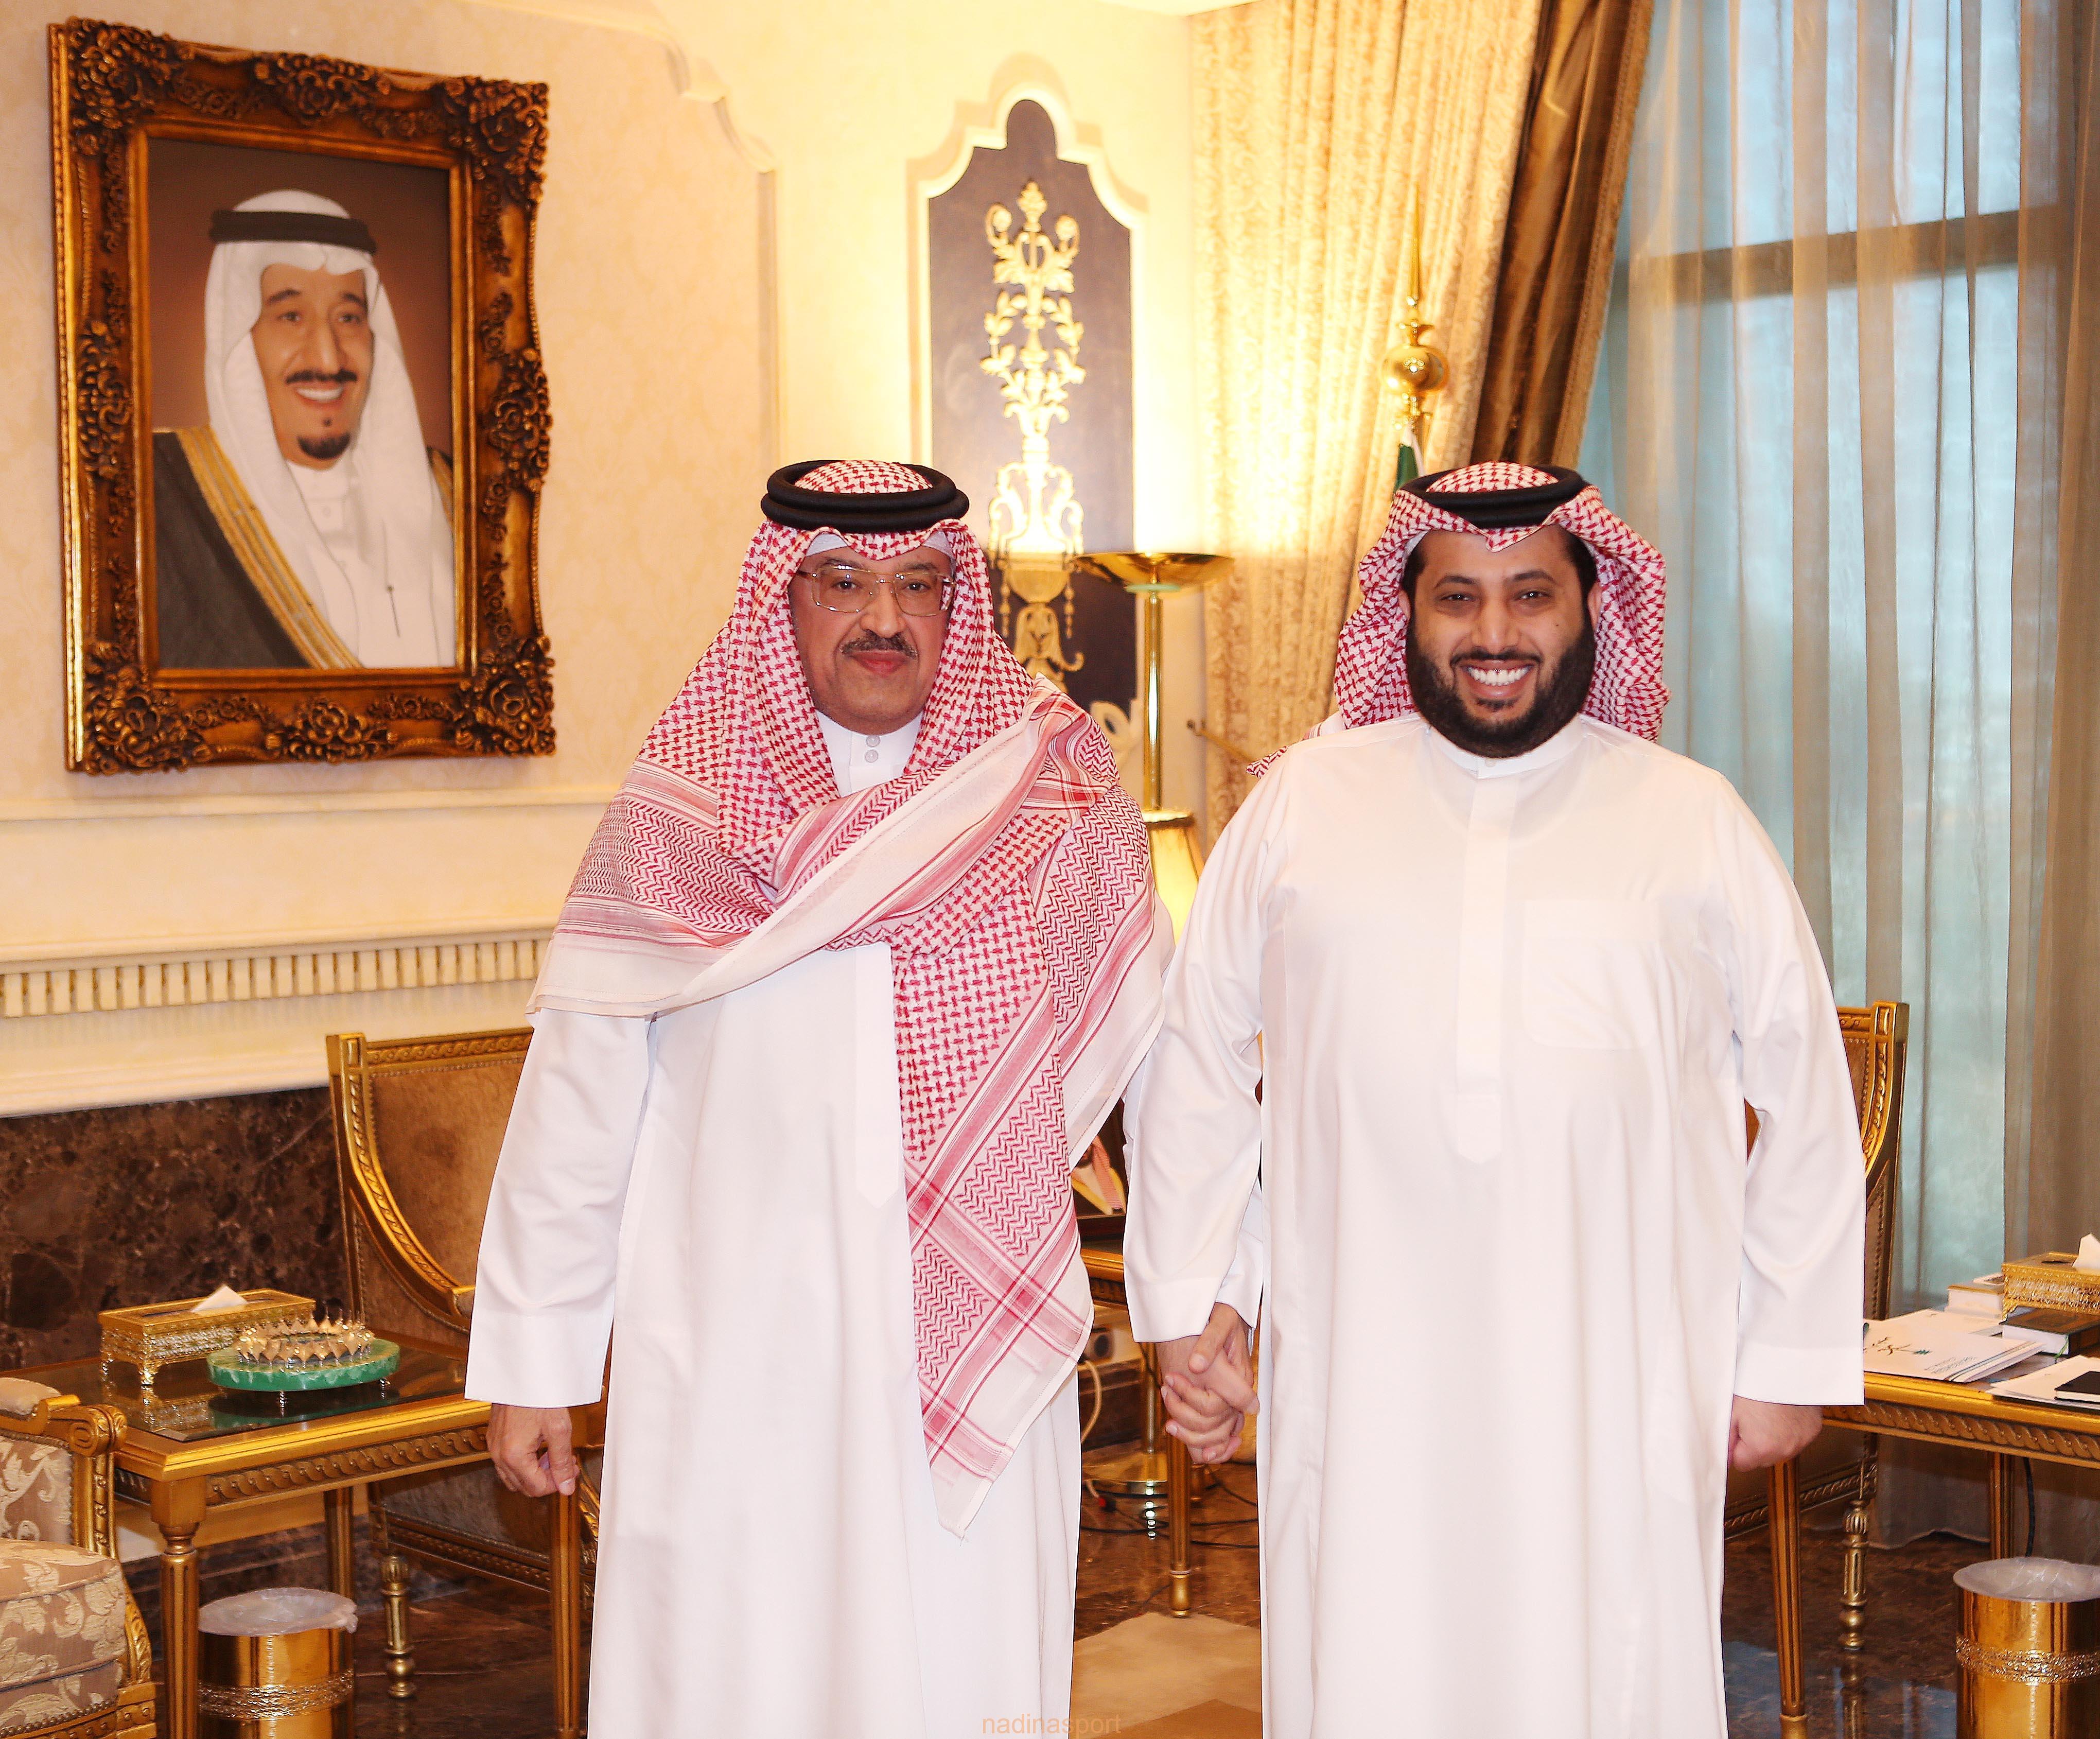 التقى معالي الاستاذ تركي ال الشيخ في مكتبه الشيخ حمود بن عبدالله آل خليفة سفير مملكة البحرين